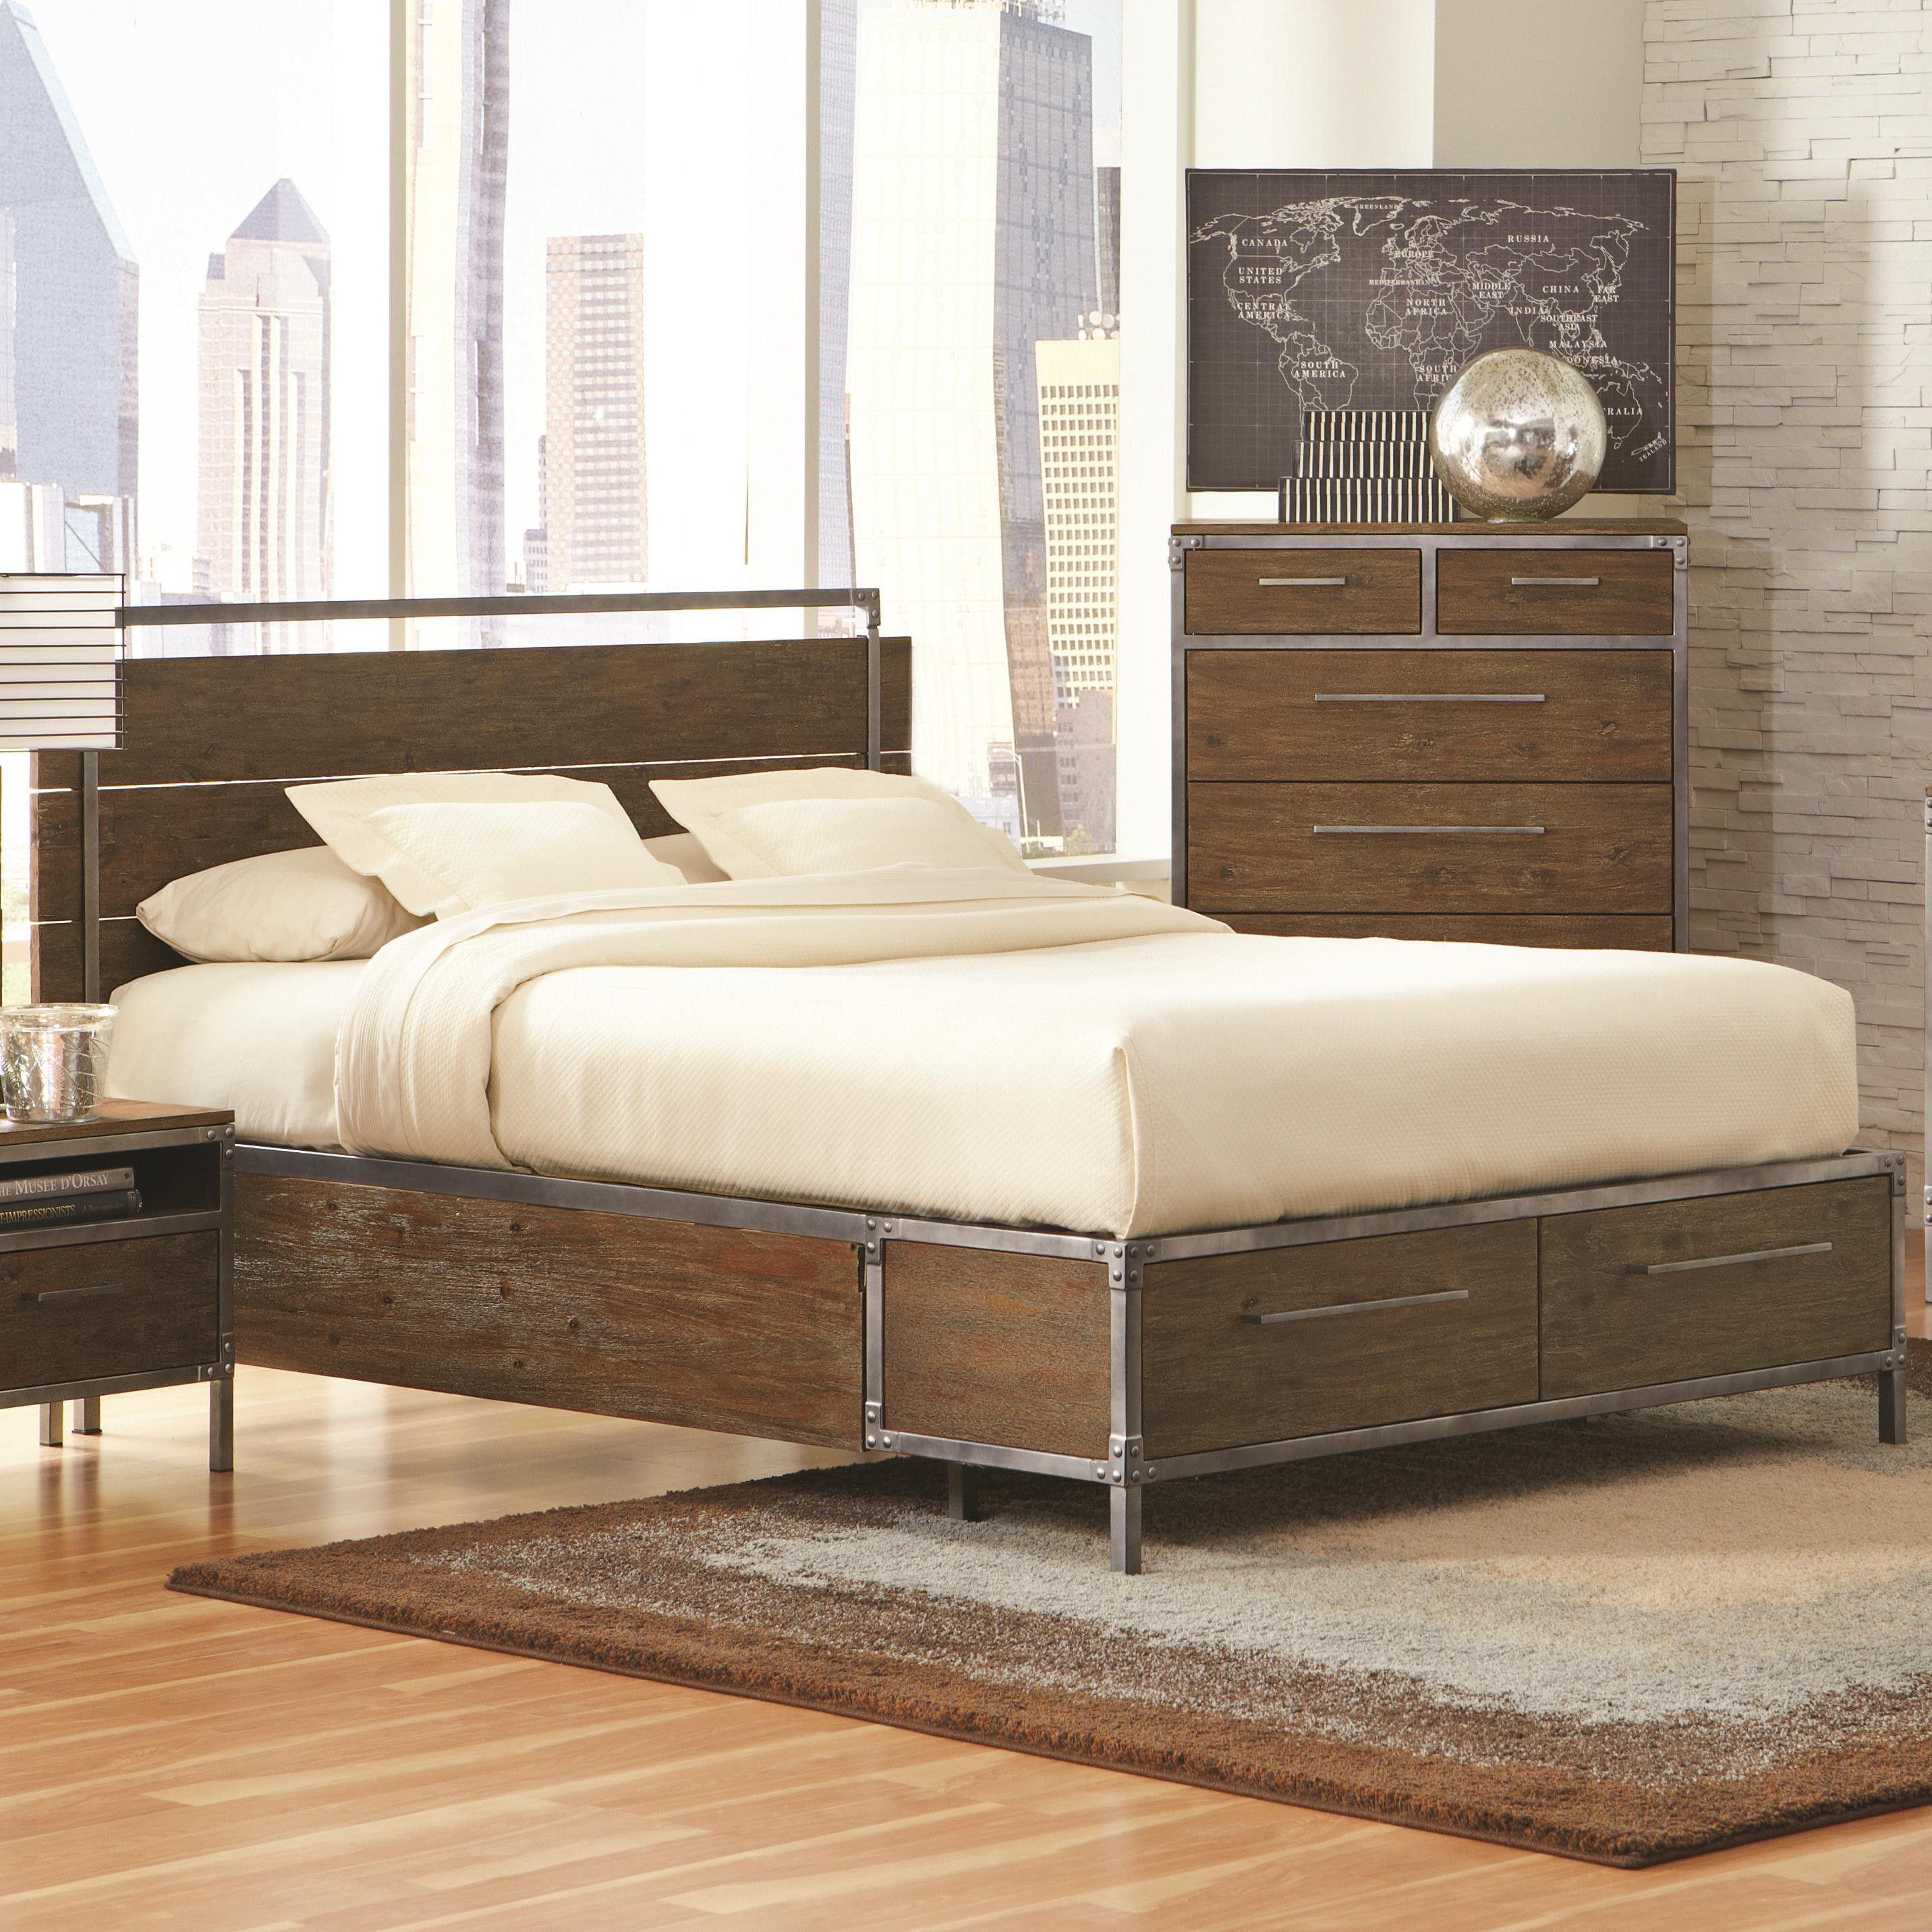 Trent Austin Design Tressider Storage Platform Bed | Bedroom ...